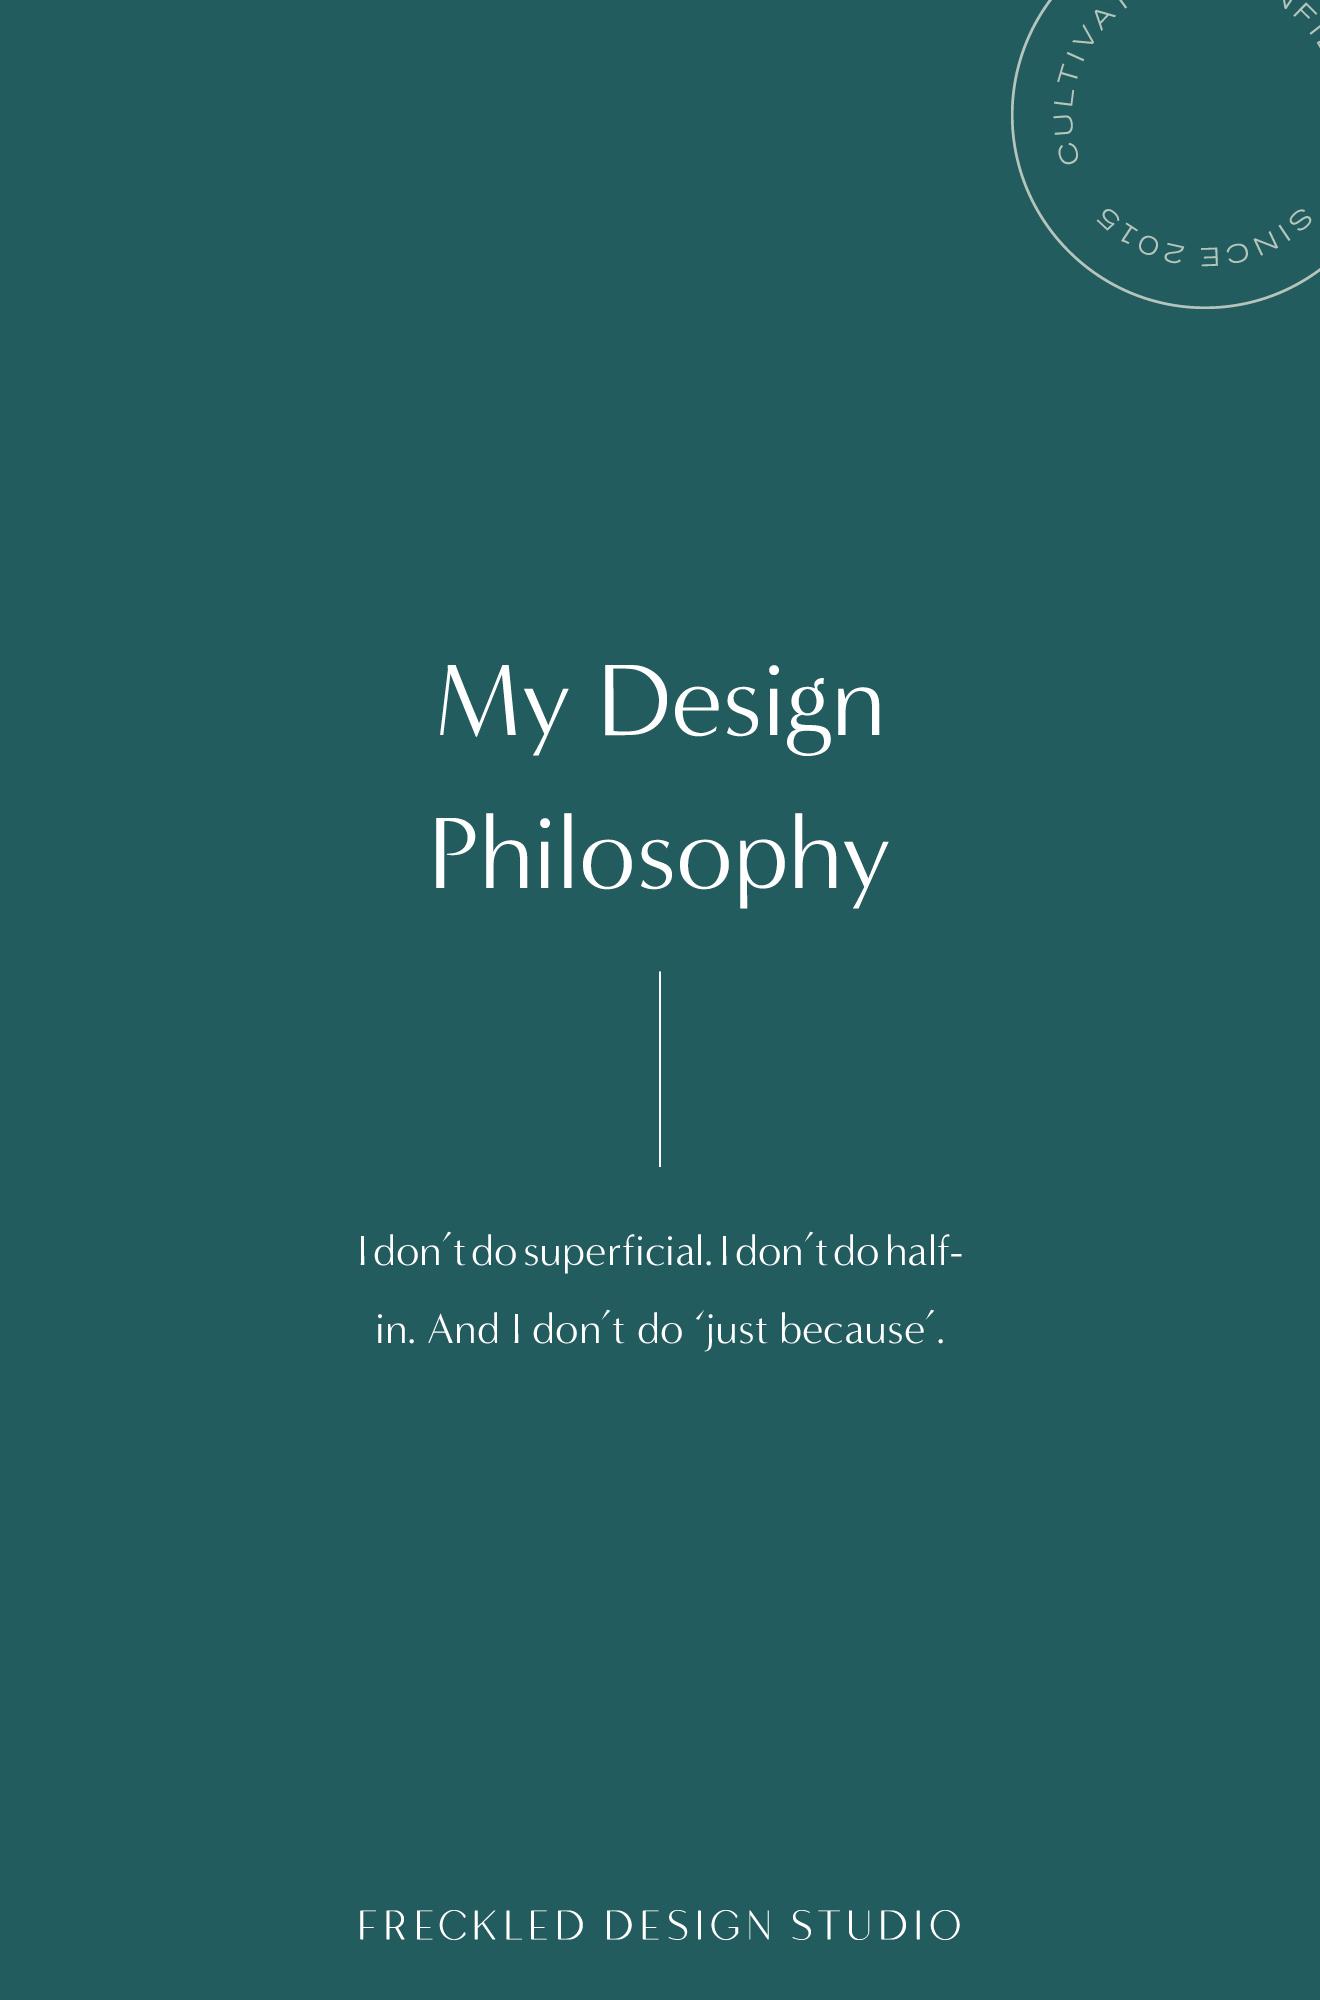 My Design Philosophy2.jpg